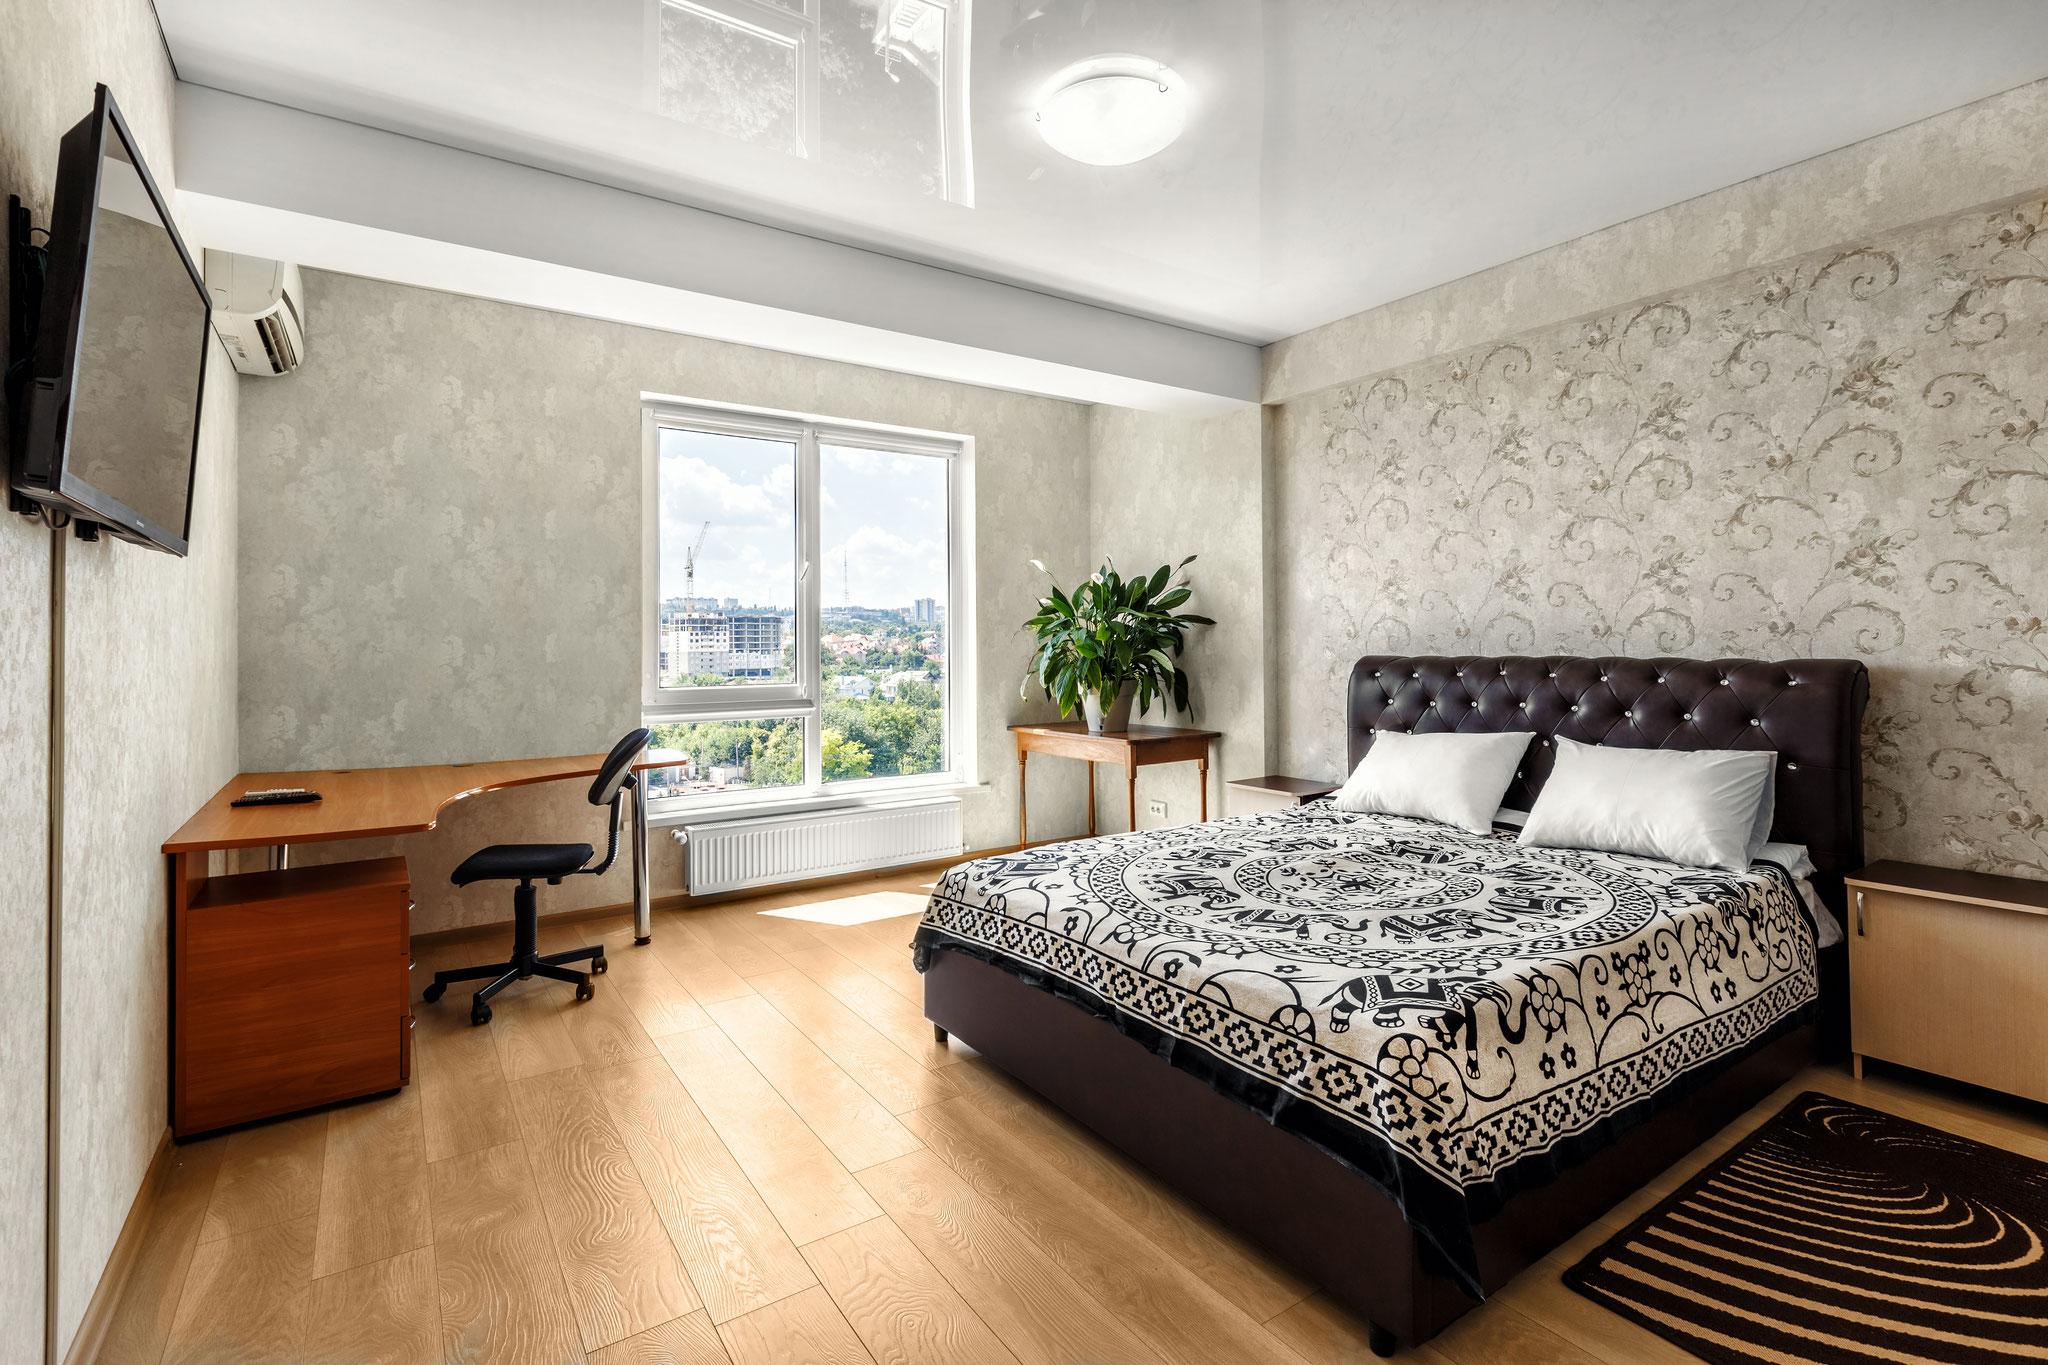 Appartamento Chisinau tipo monolocale